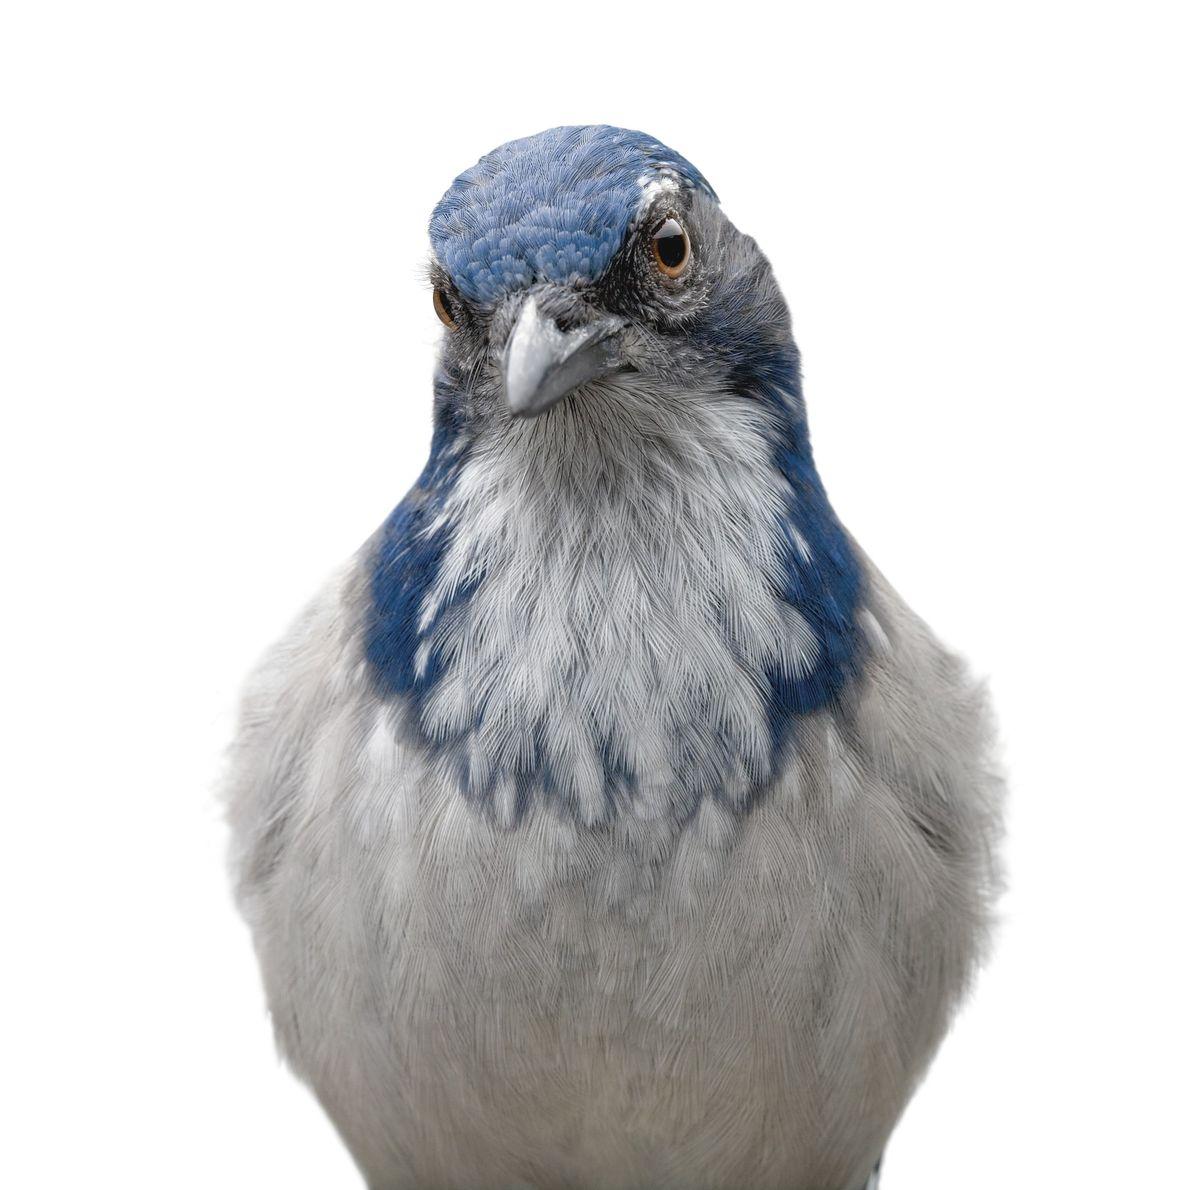 O scrub jay, um pássaro nativo do oeste da América do Norte, consegue se lembrar de ...